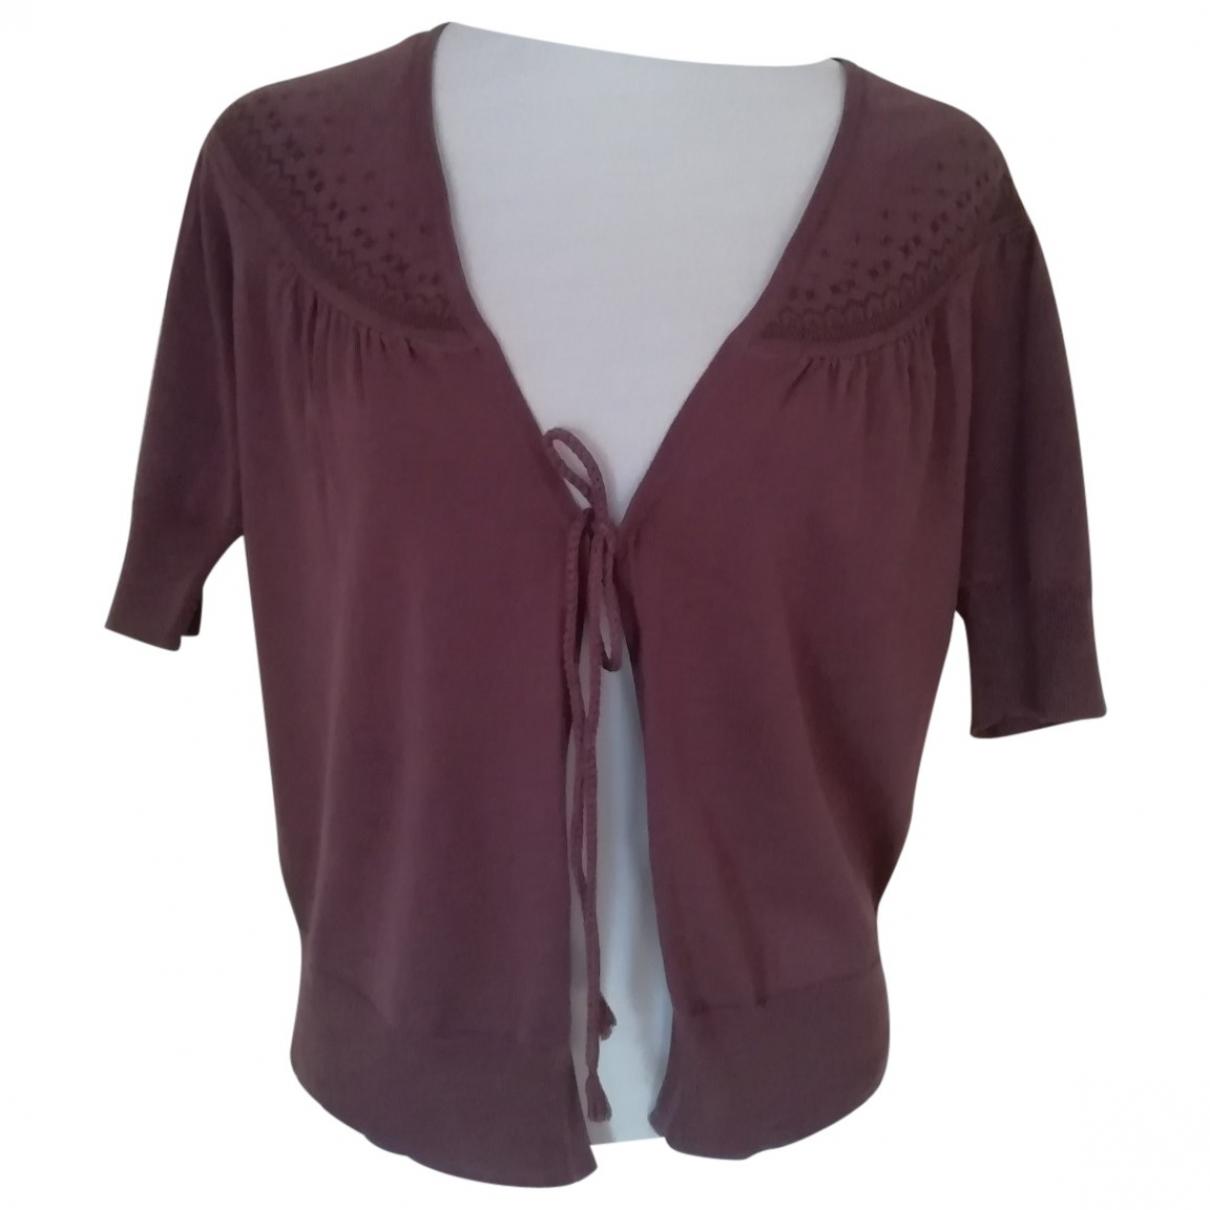 Comptoir Des Cotonniers N Burgundy Cotton jacket for Women 36 FR